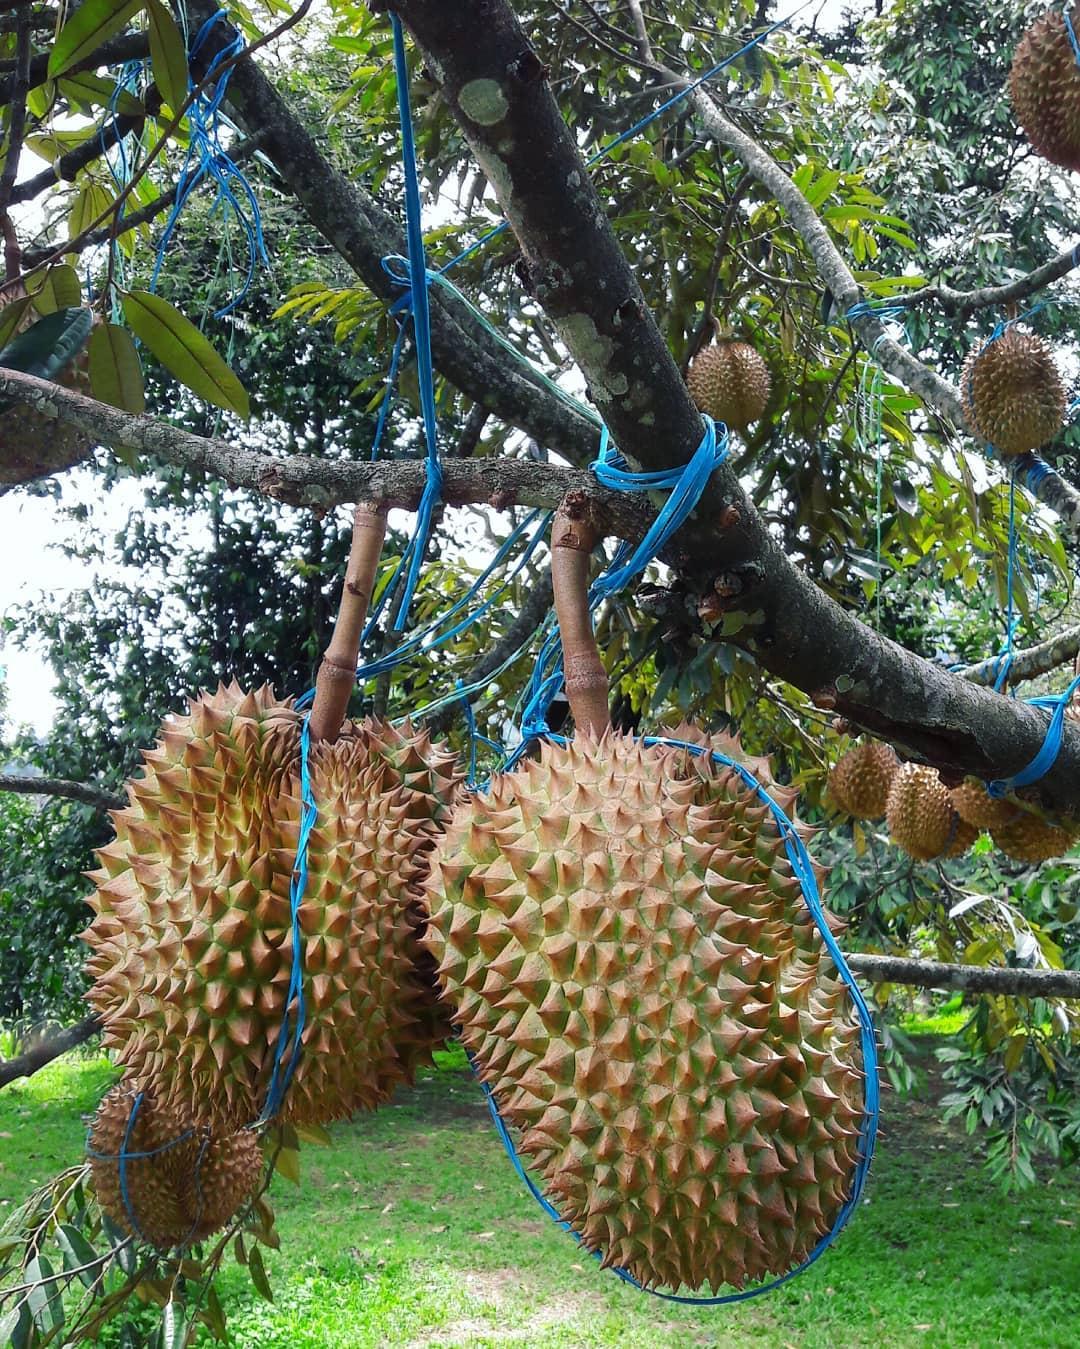 9 Tempat Wisata Keluarga dan Anak di Bogor 22